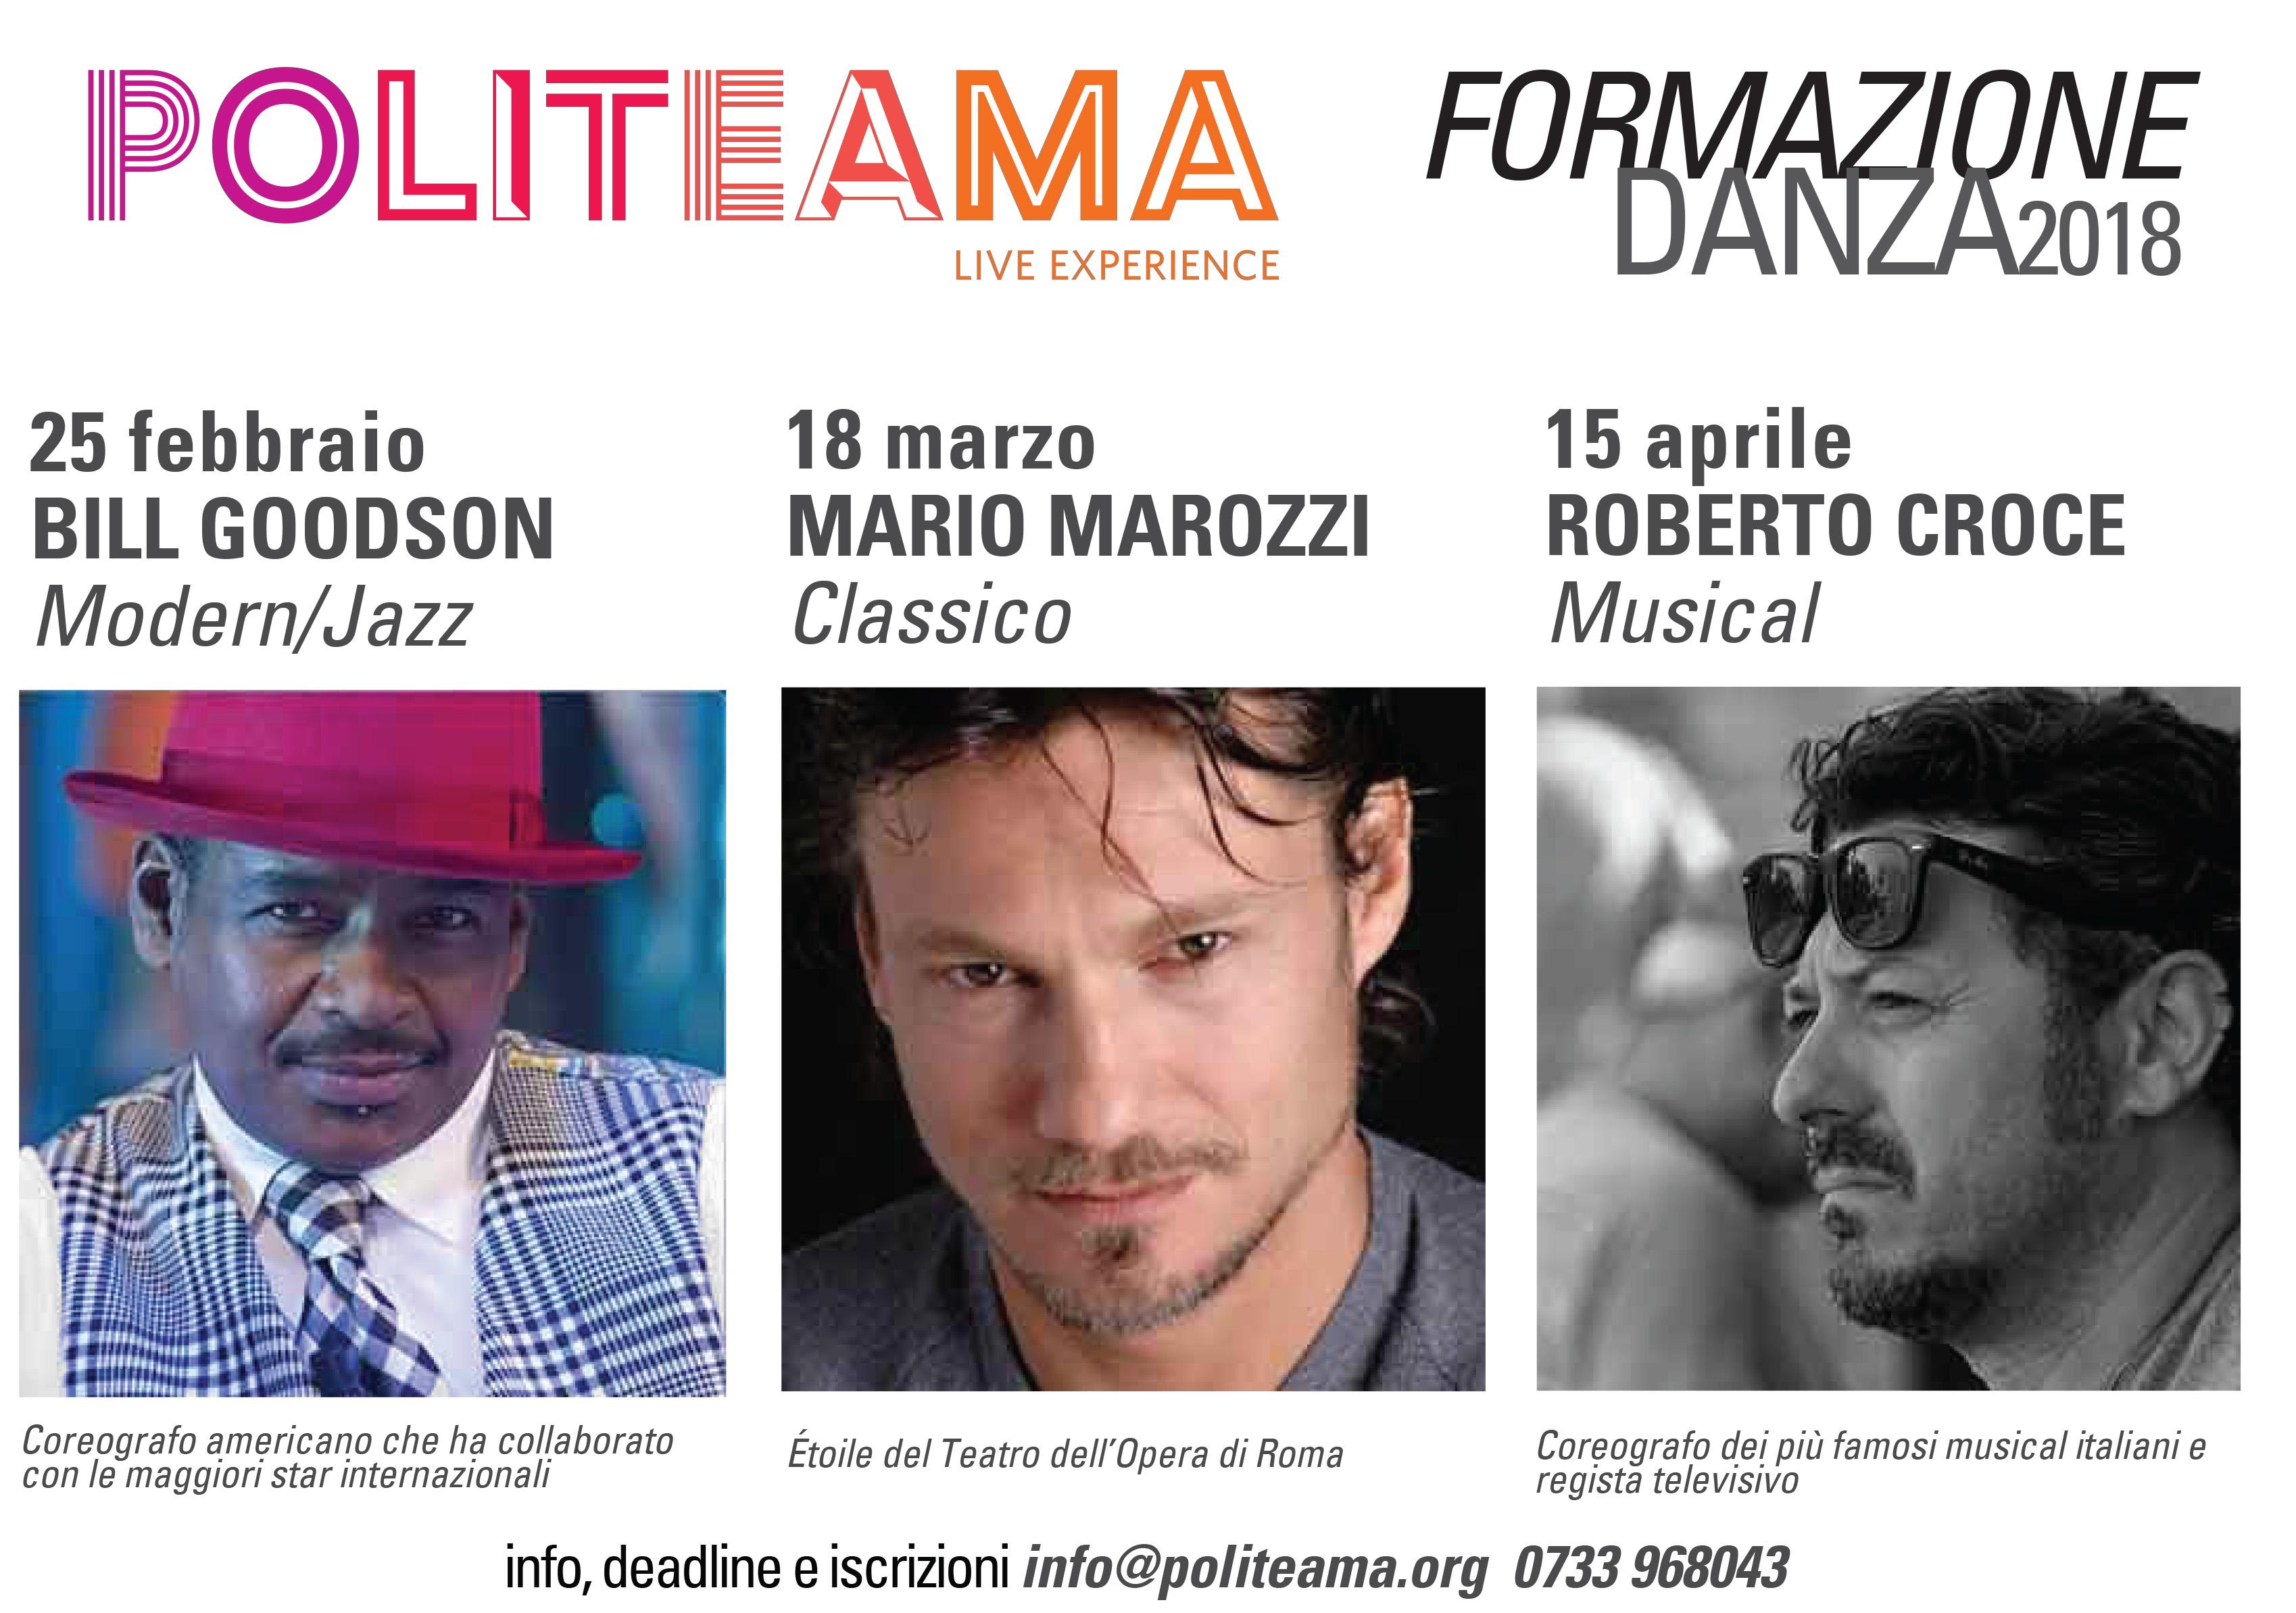 Locandina - Stage di Modern/Jazz con Bill Goodson – Formazione Danza 2018